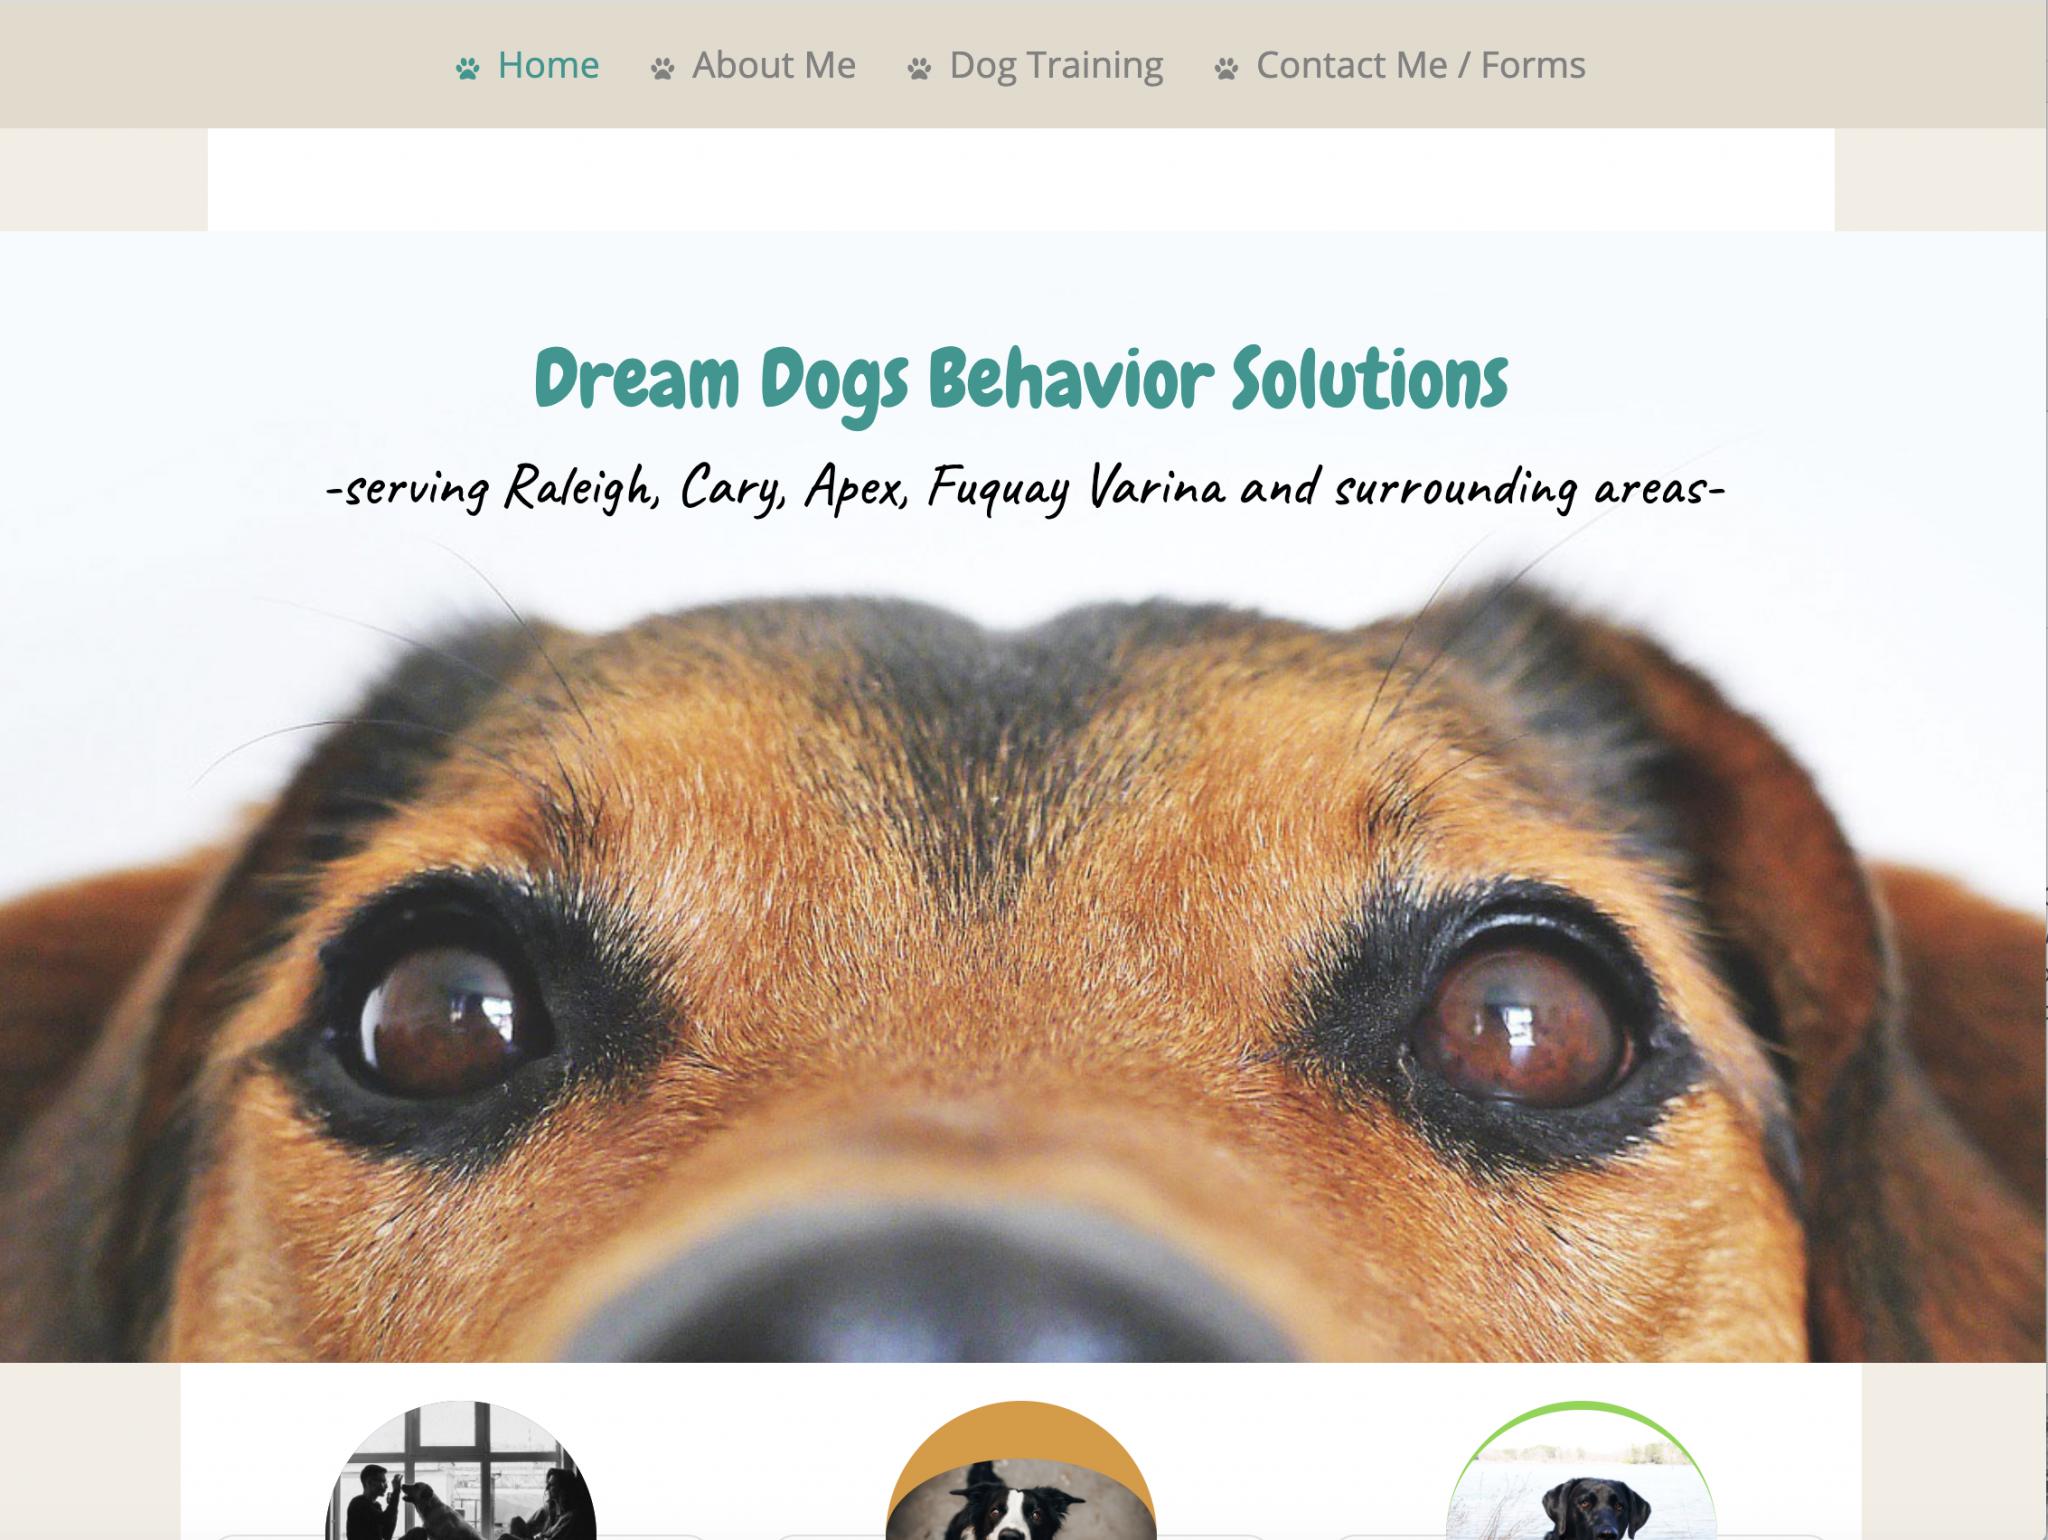 Dream Dogs Website screenshot